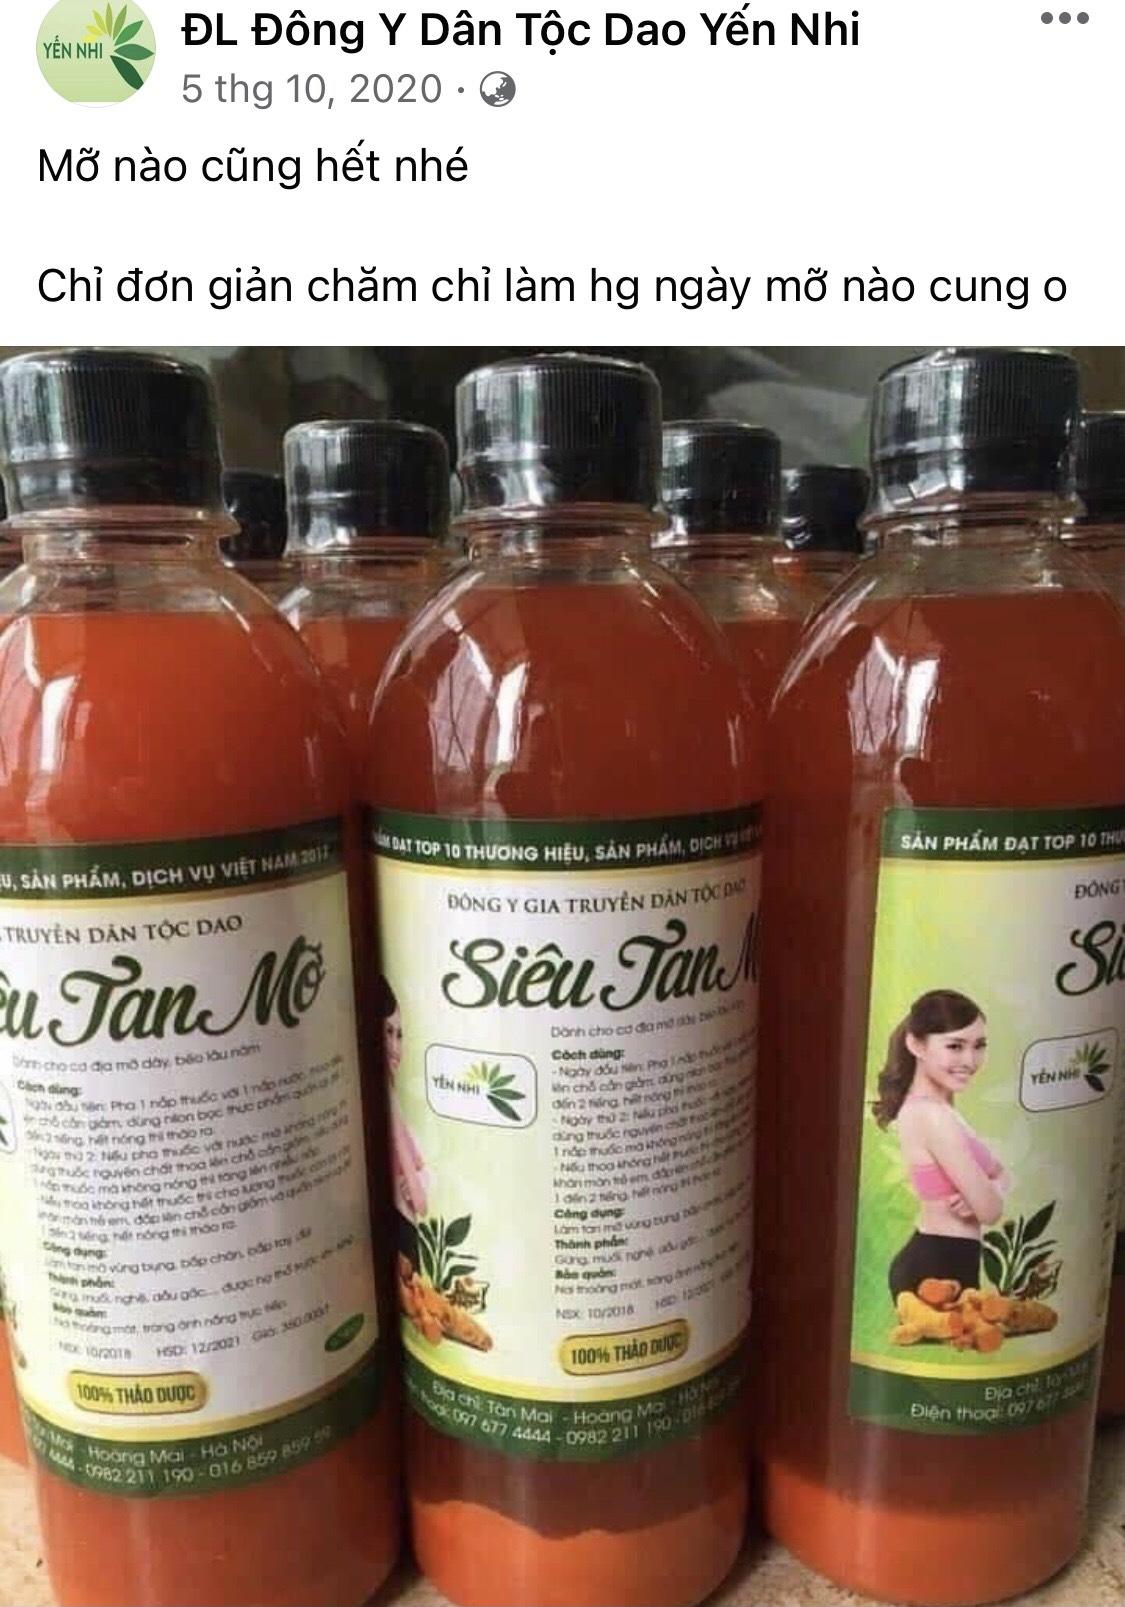 Nghi vấn Đông Y Yến Nhi bán sản phẩm khi chưa được cấp phép?Nghi vấn Đông Y Yến Nhi bán sản phẩm khi chưa được cấp phép?